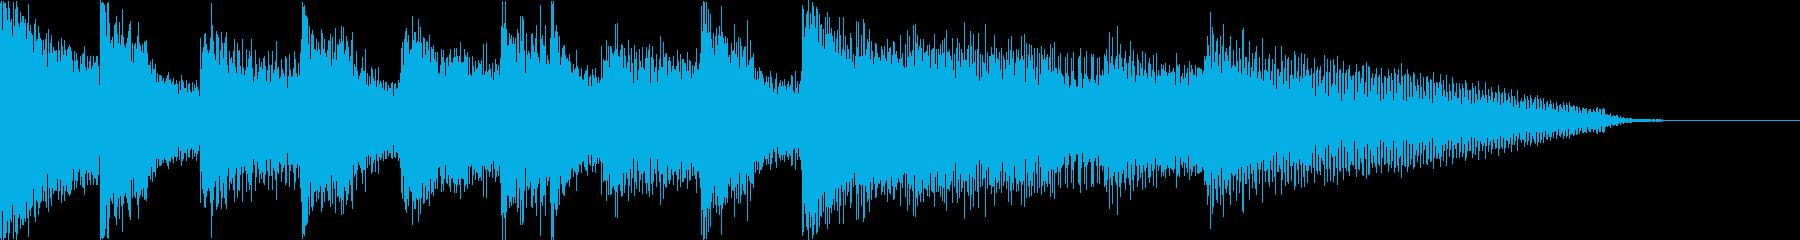 ちょっぴり怖いコミカルなホラーハロウィンの再生済みの波形